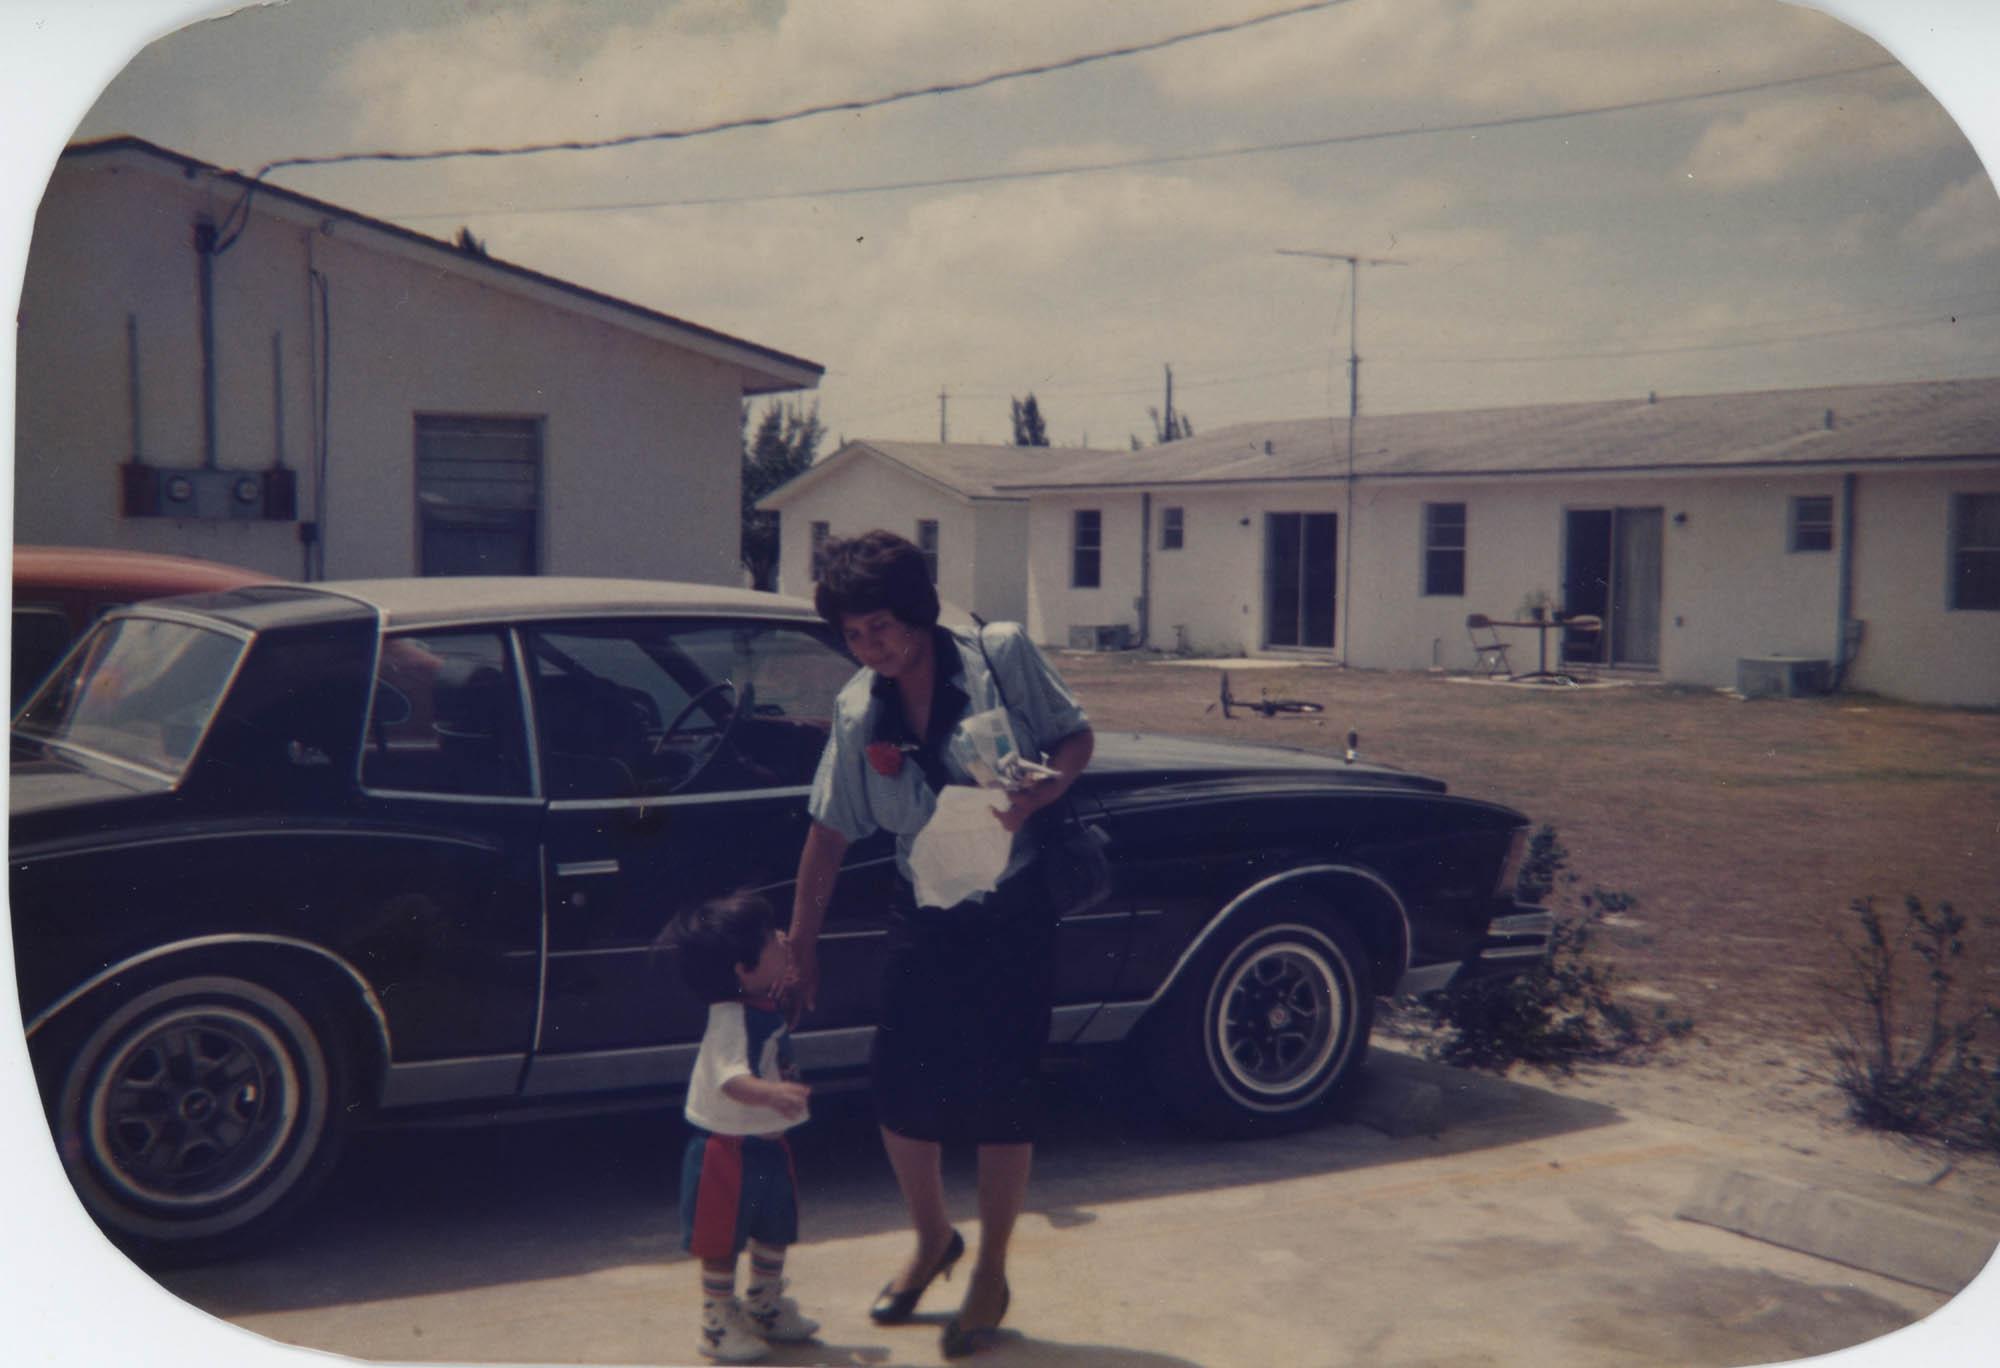 Fotografía de María Bordallo y su hijo / Photograph of María Bordallo and her Son